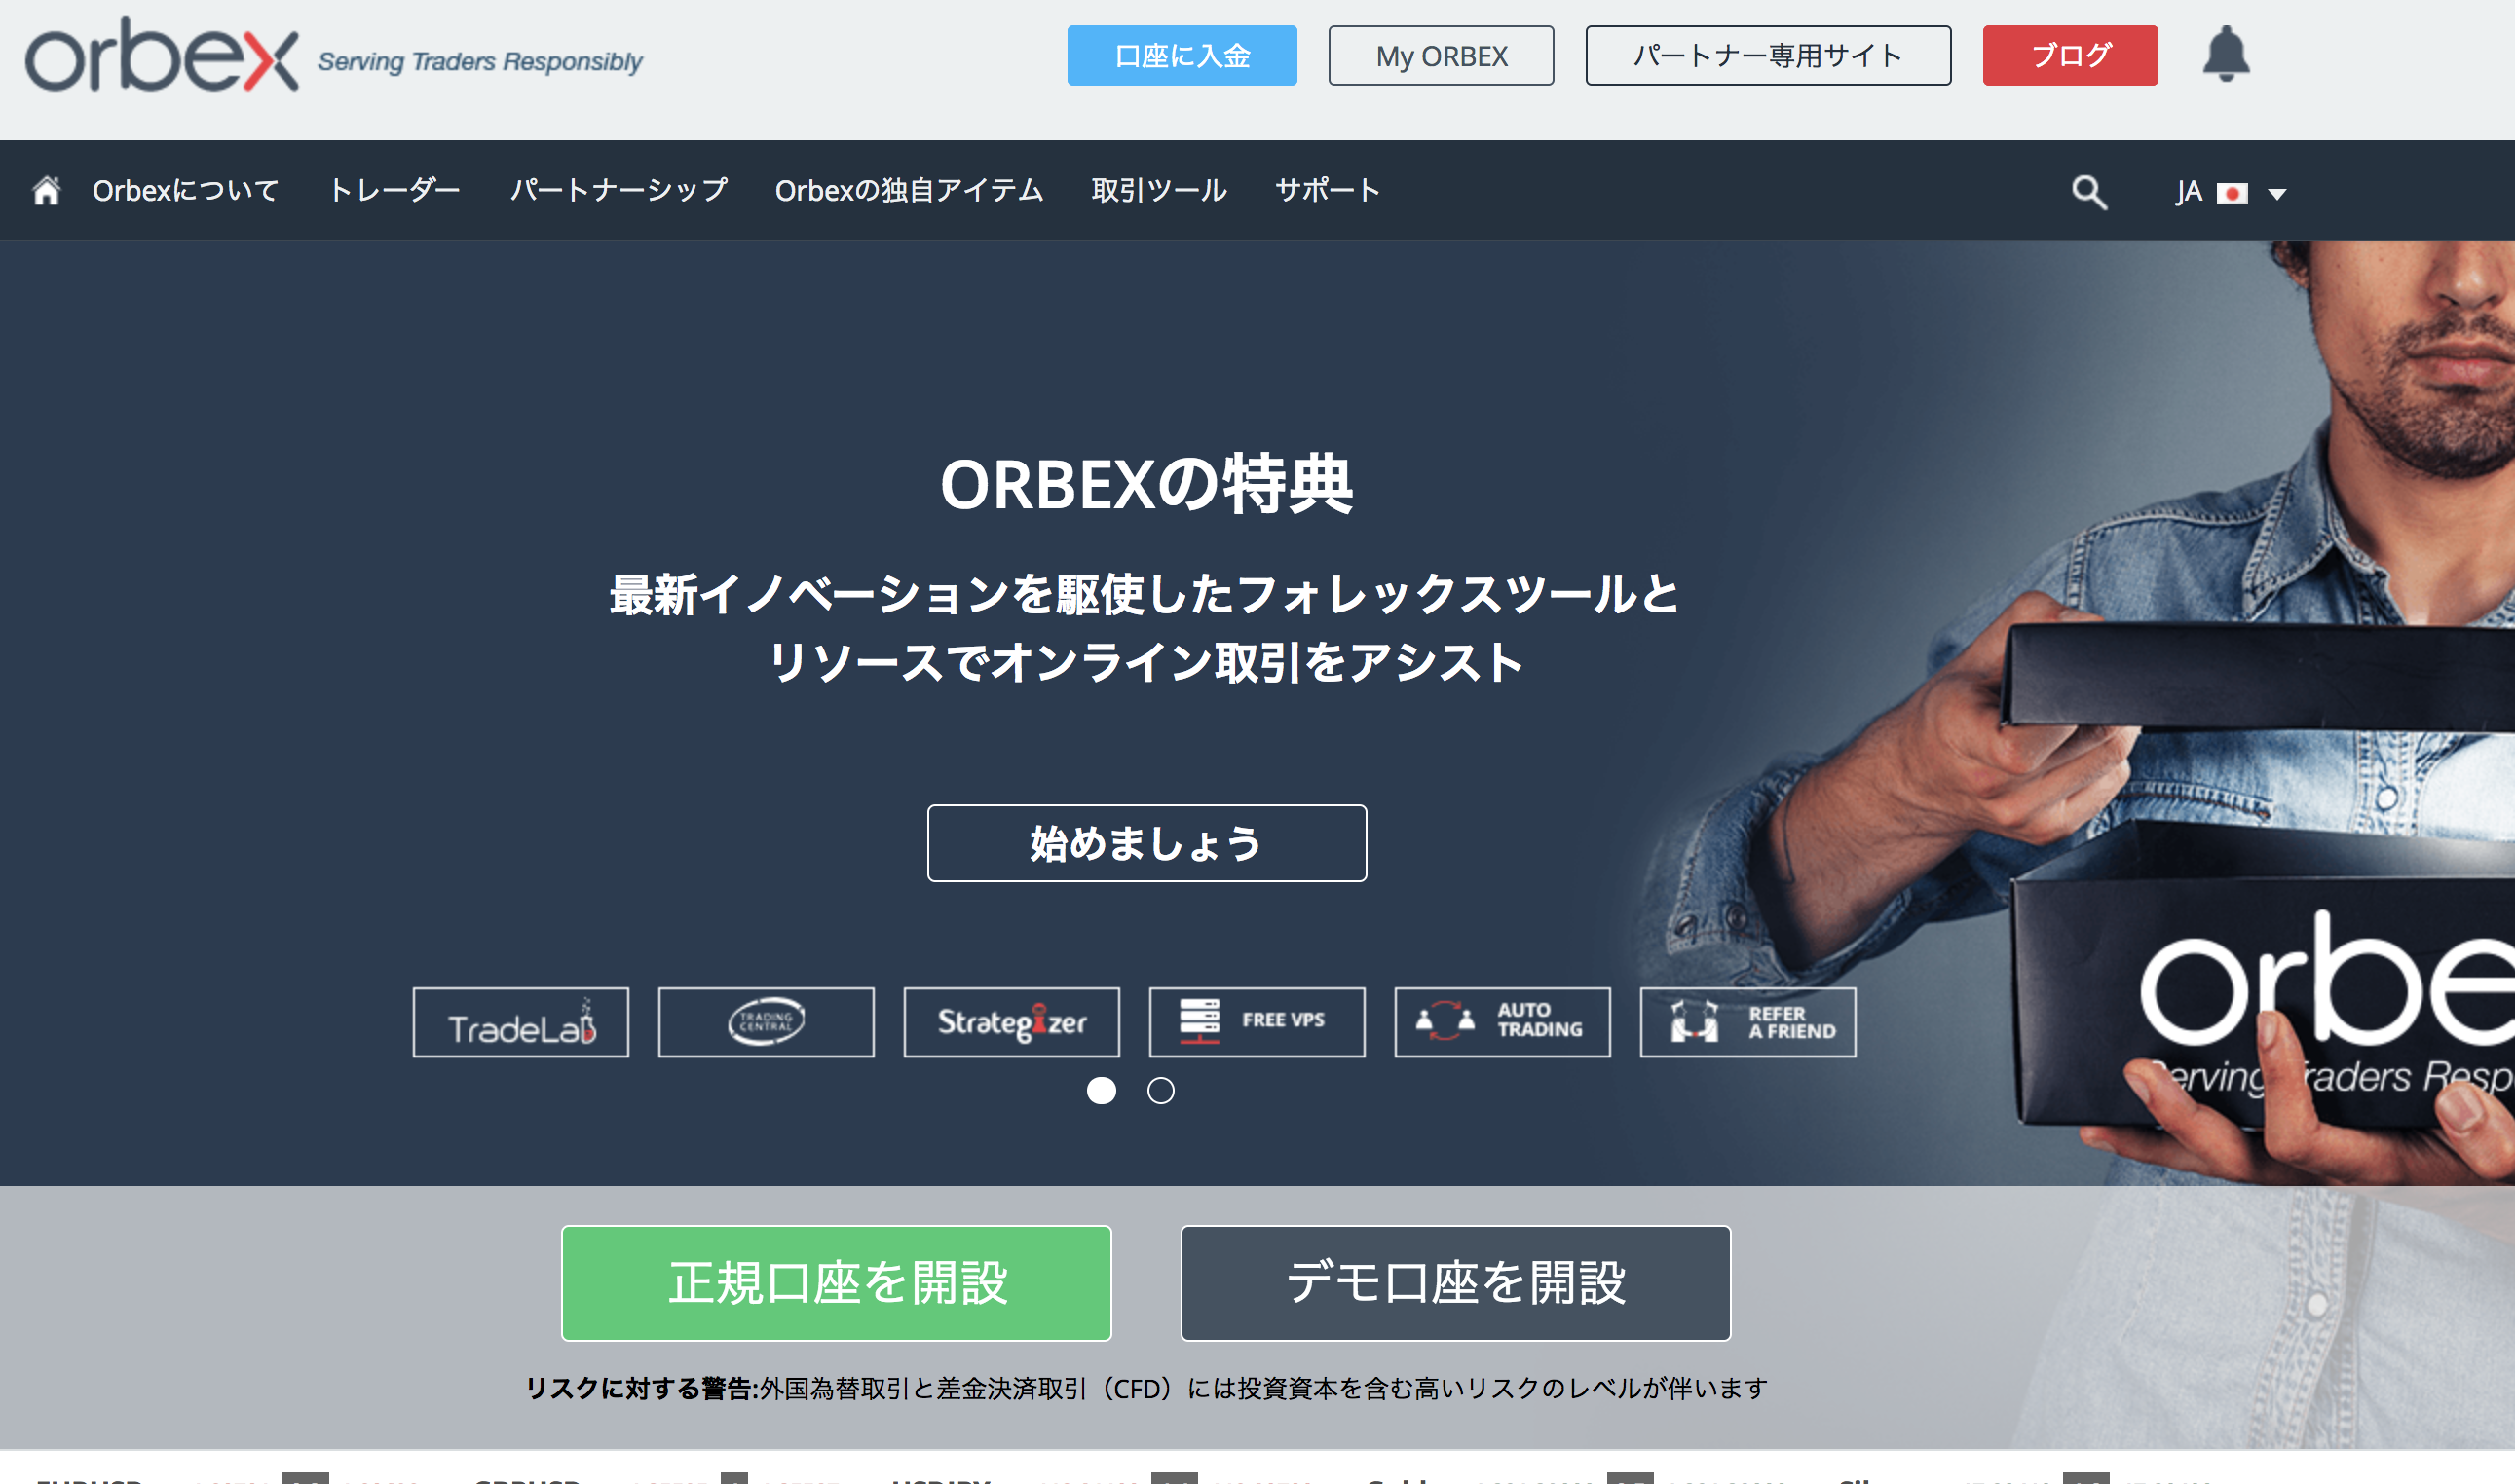 Orbexってどう?口コミや評判、口座開設、出入金情報まとめ